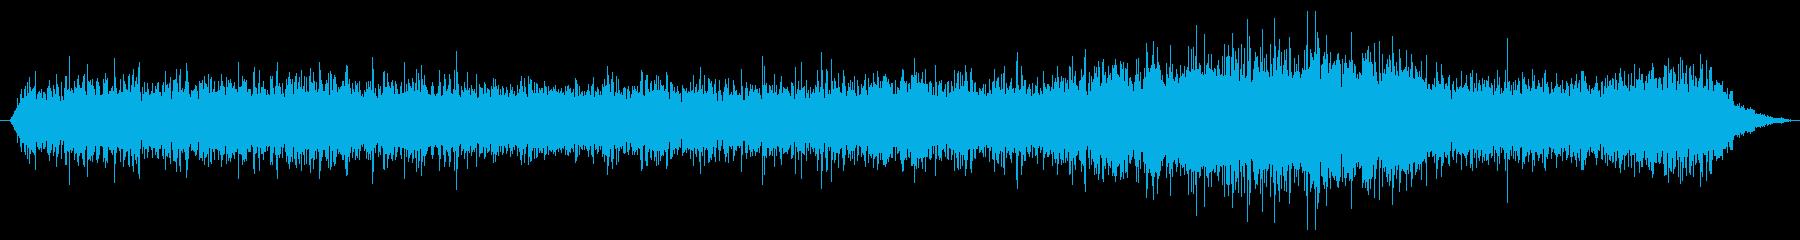 水 パドリングプール01を充填の再生済みの波形